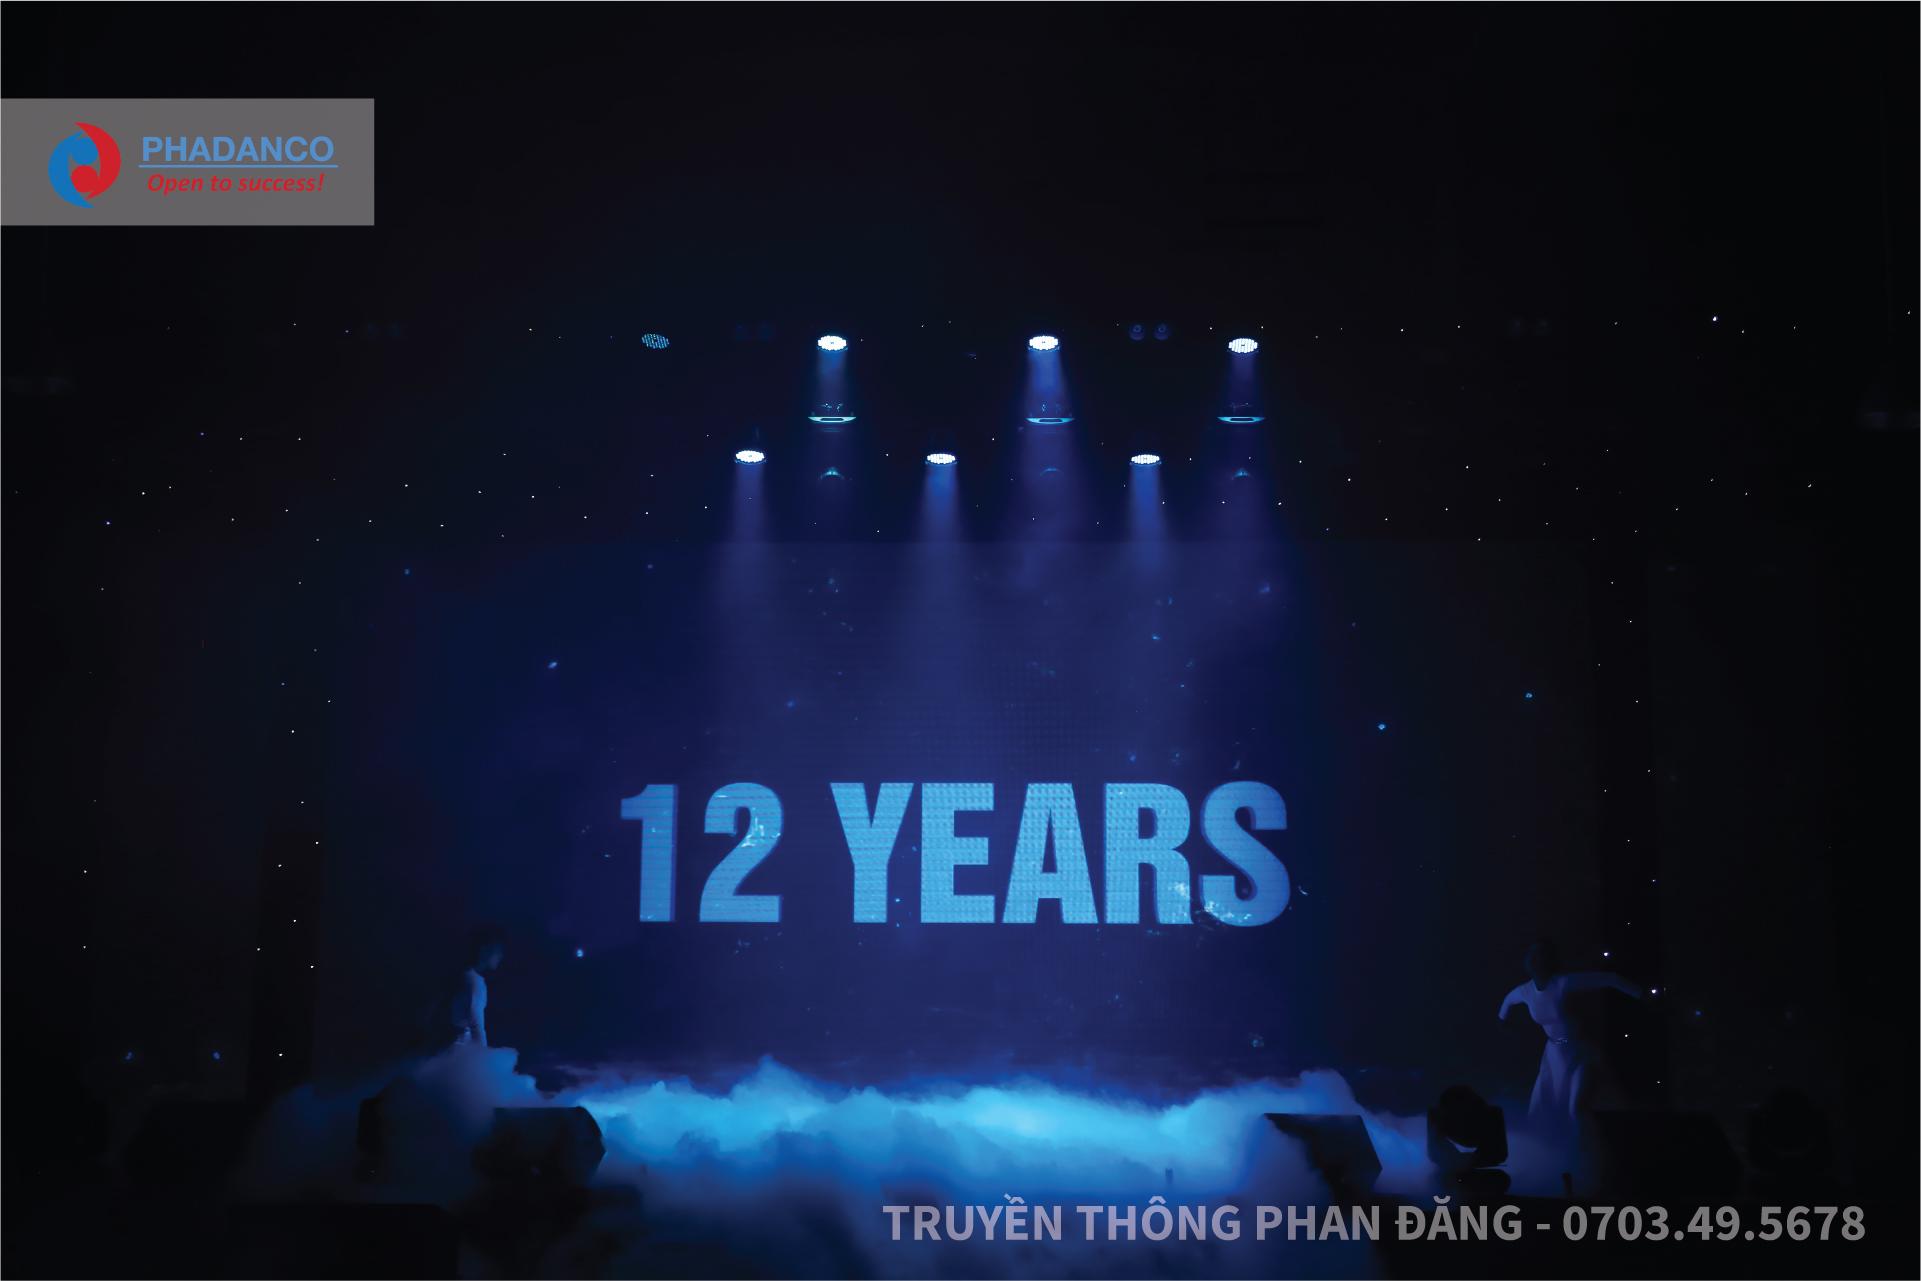 Kịch bản tổ chức lễ kỷ niệm 15 năm thành lập công ty